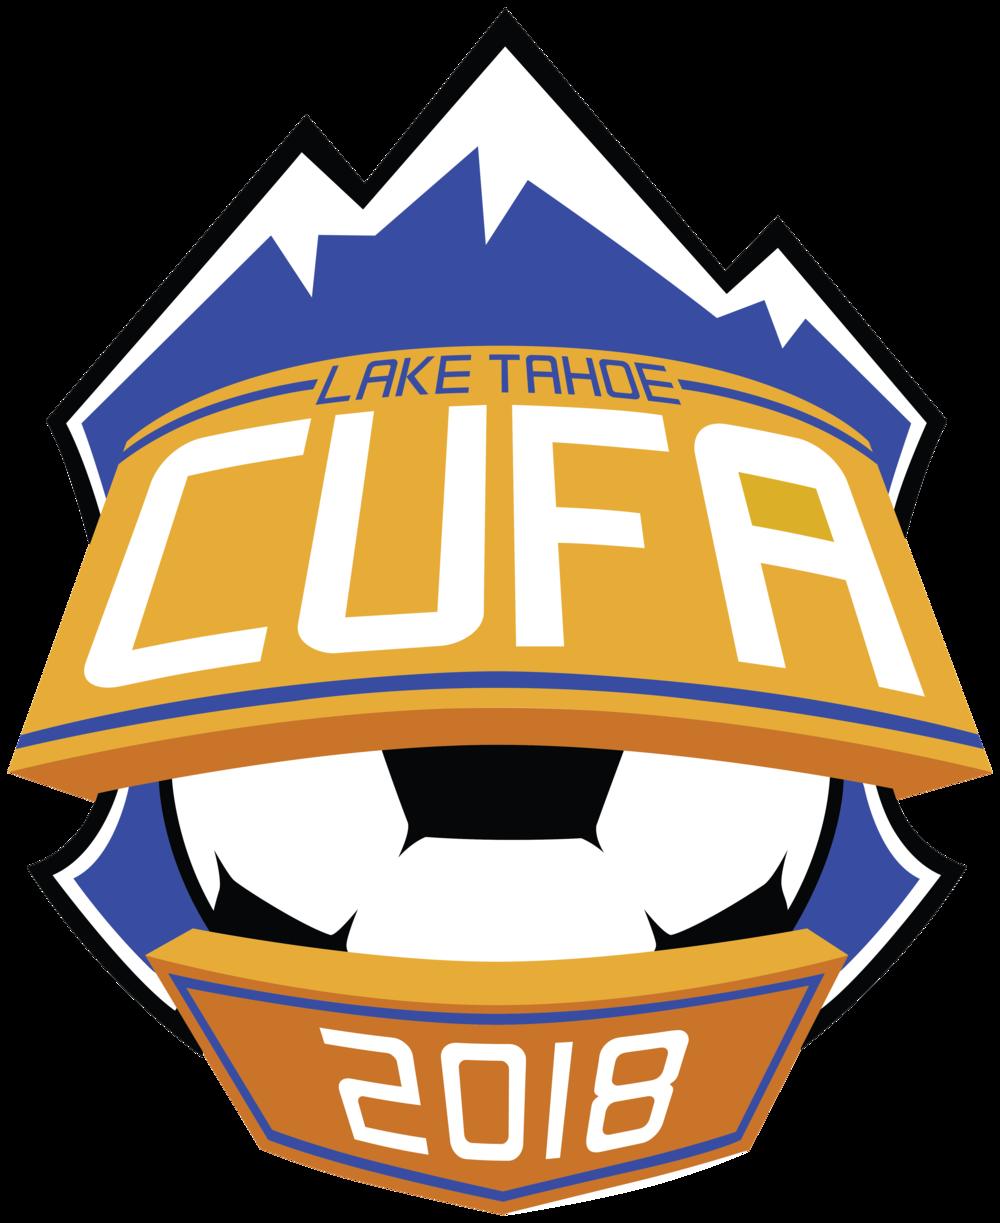 CUFA_2018.png